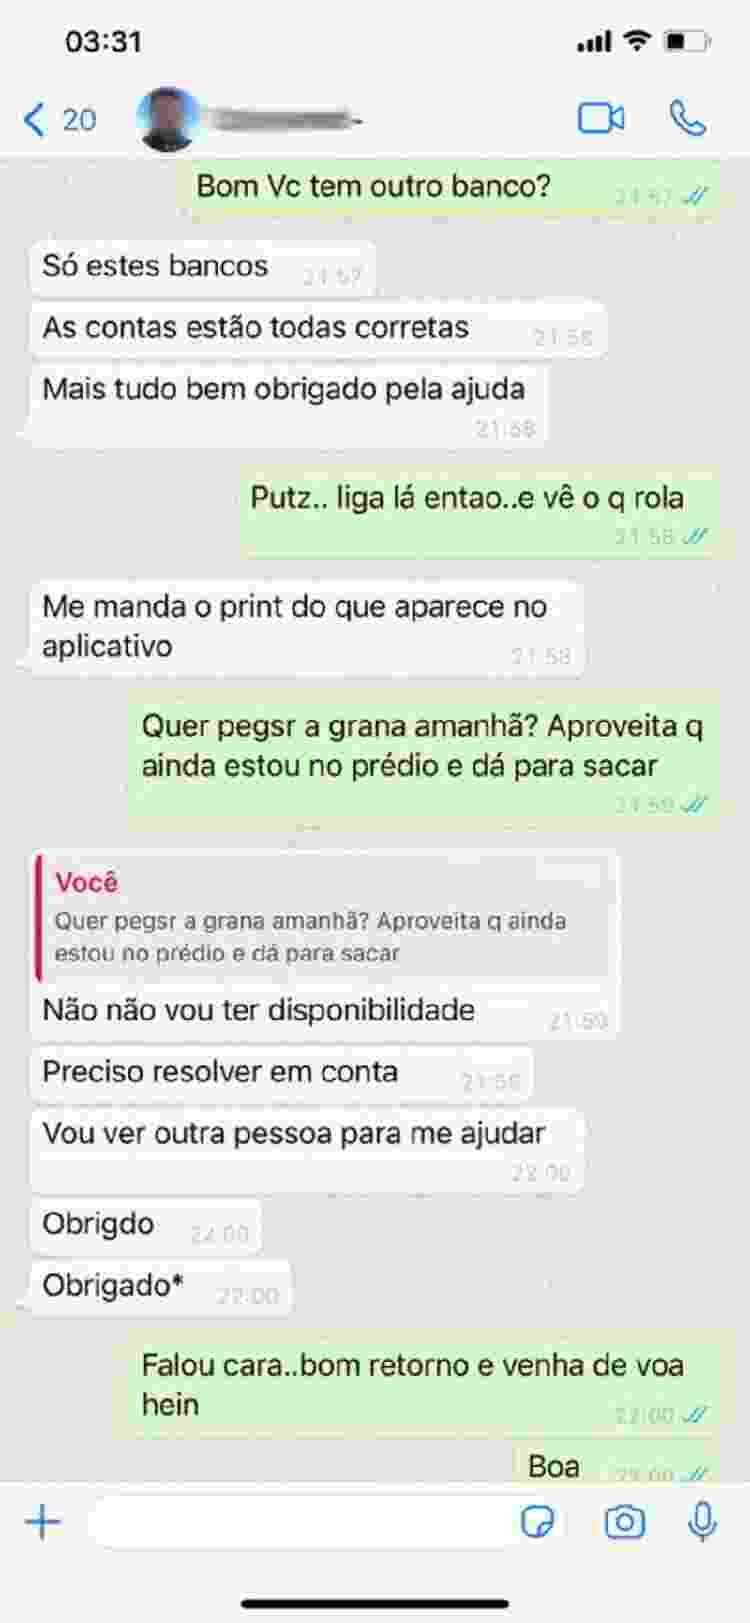 Golpe do WhatsApp (4) - Reprodução/Tudo Golpe - Reprodução/Tudo Golpe